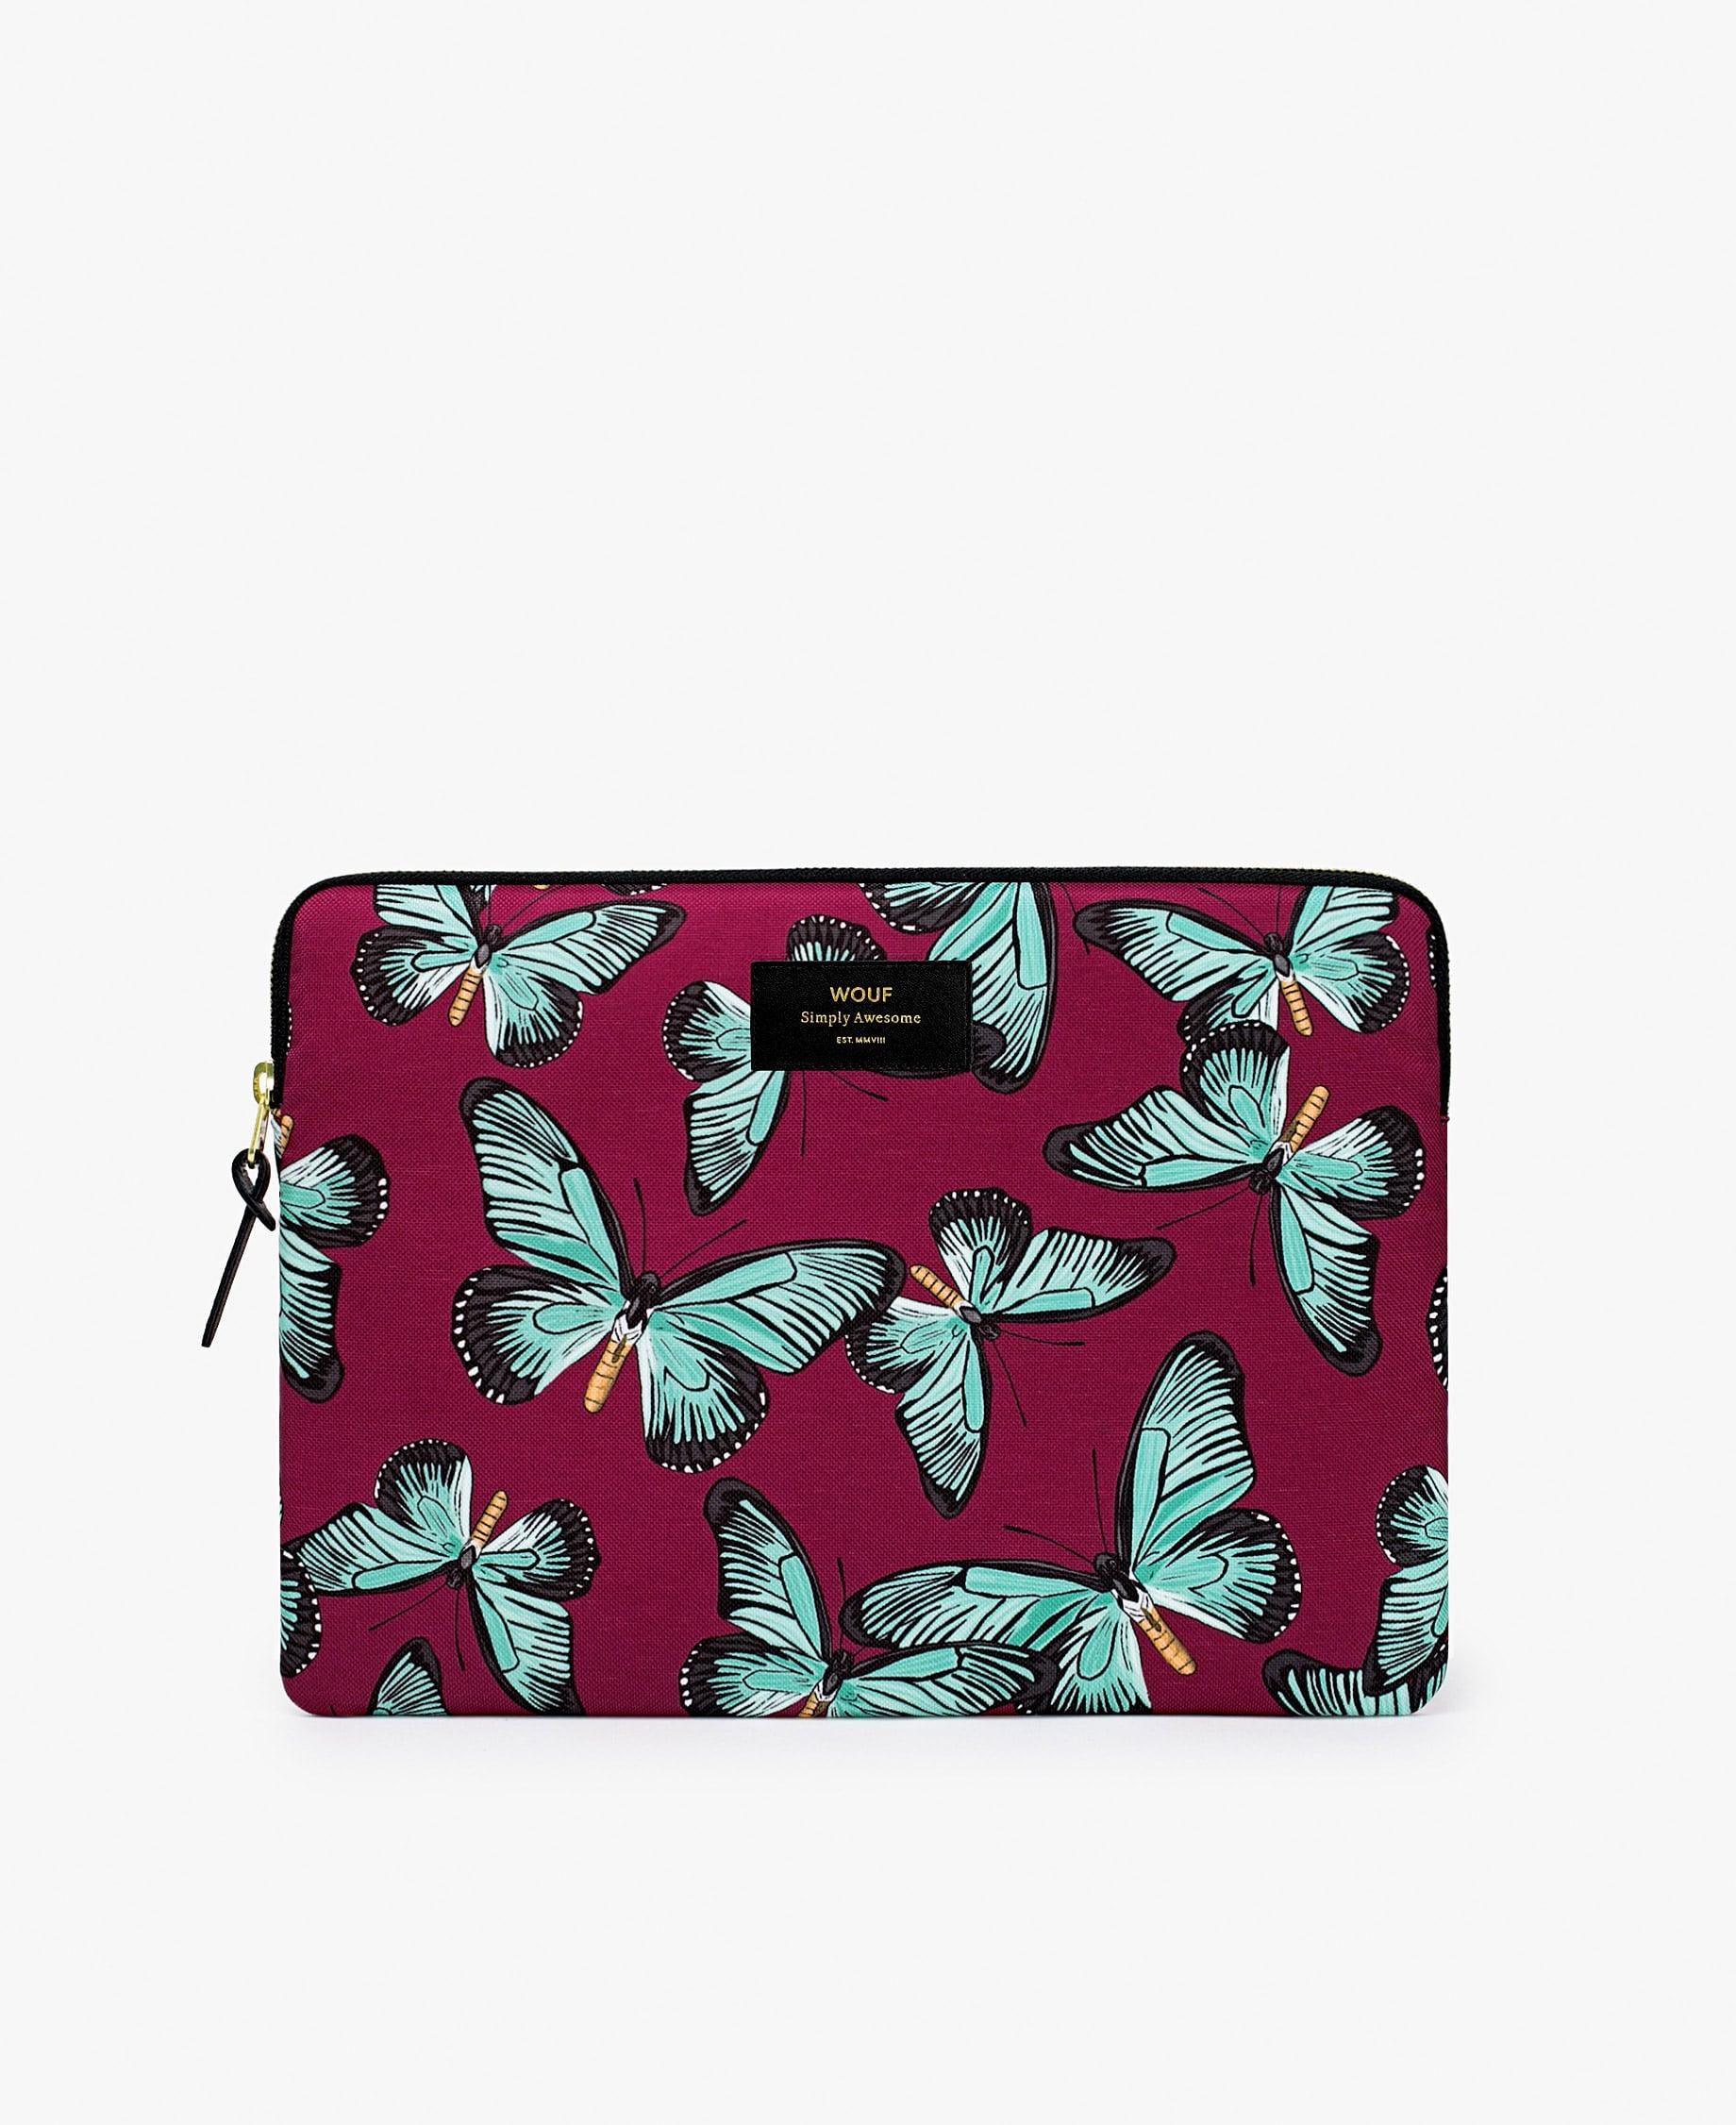 1b08c421d2 Housse ordinateur 13 pouces Butterfly – WOUF – trinity mode et maison